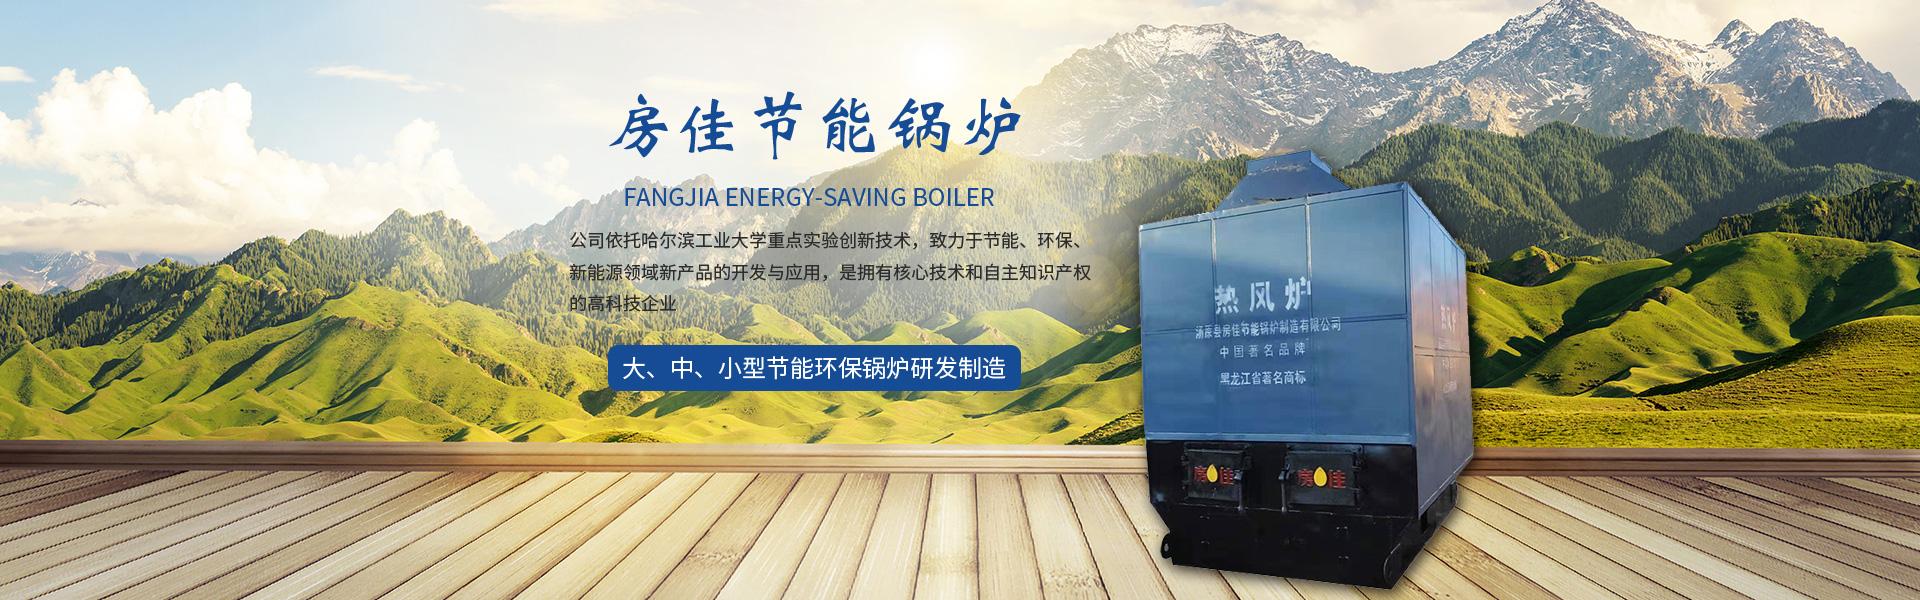 哈尔滨生物质锅炉